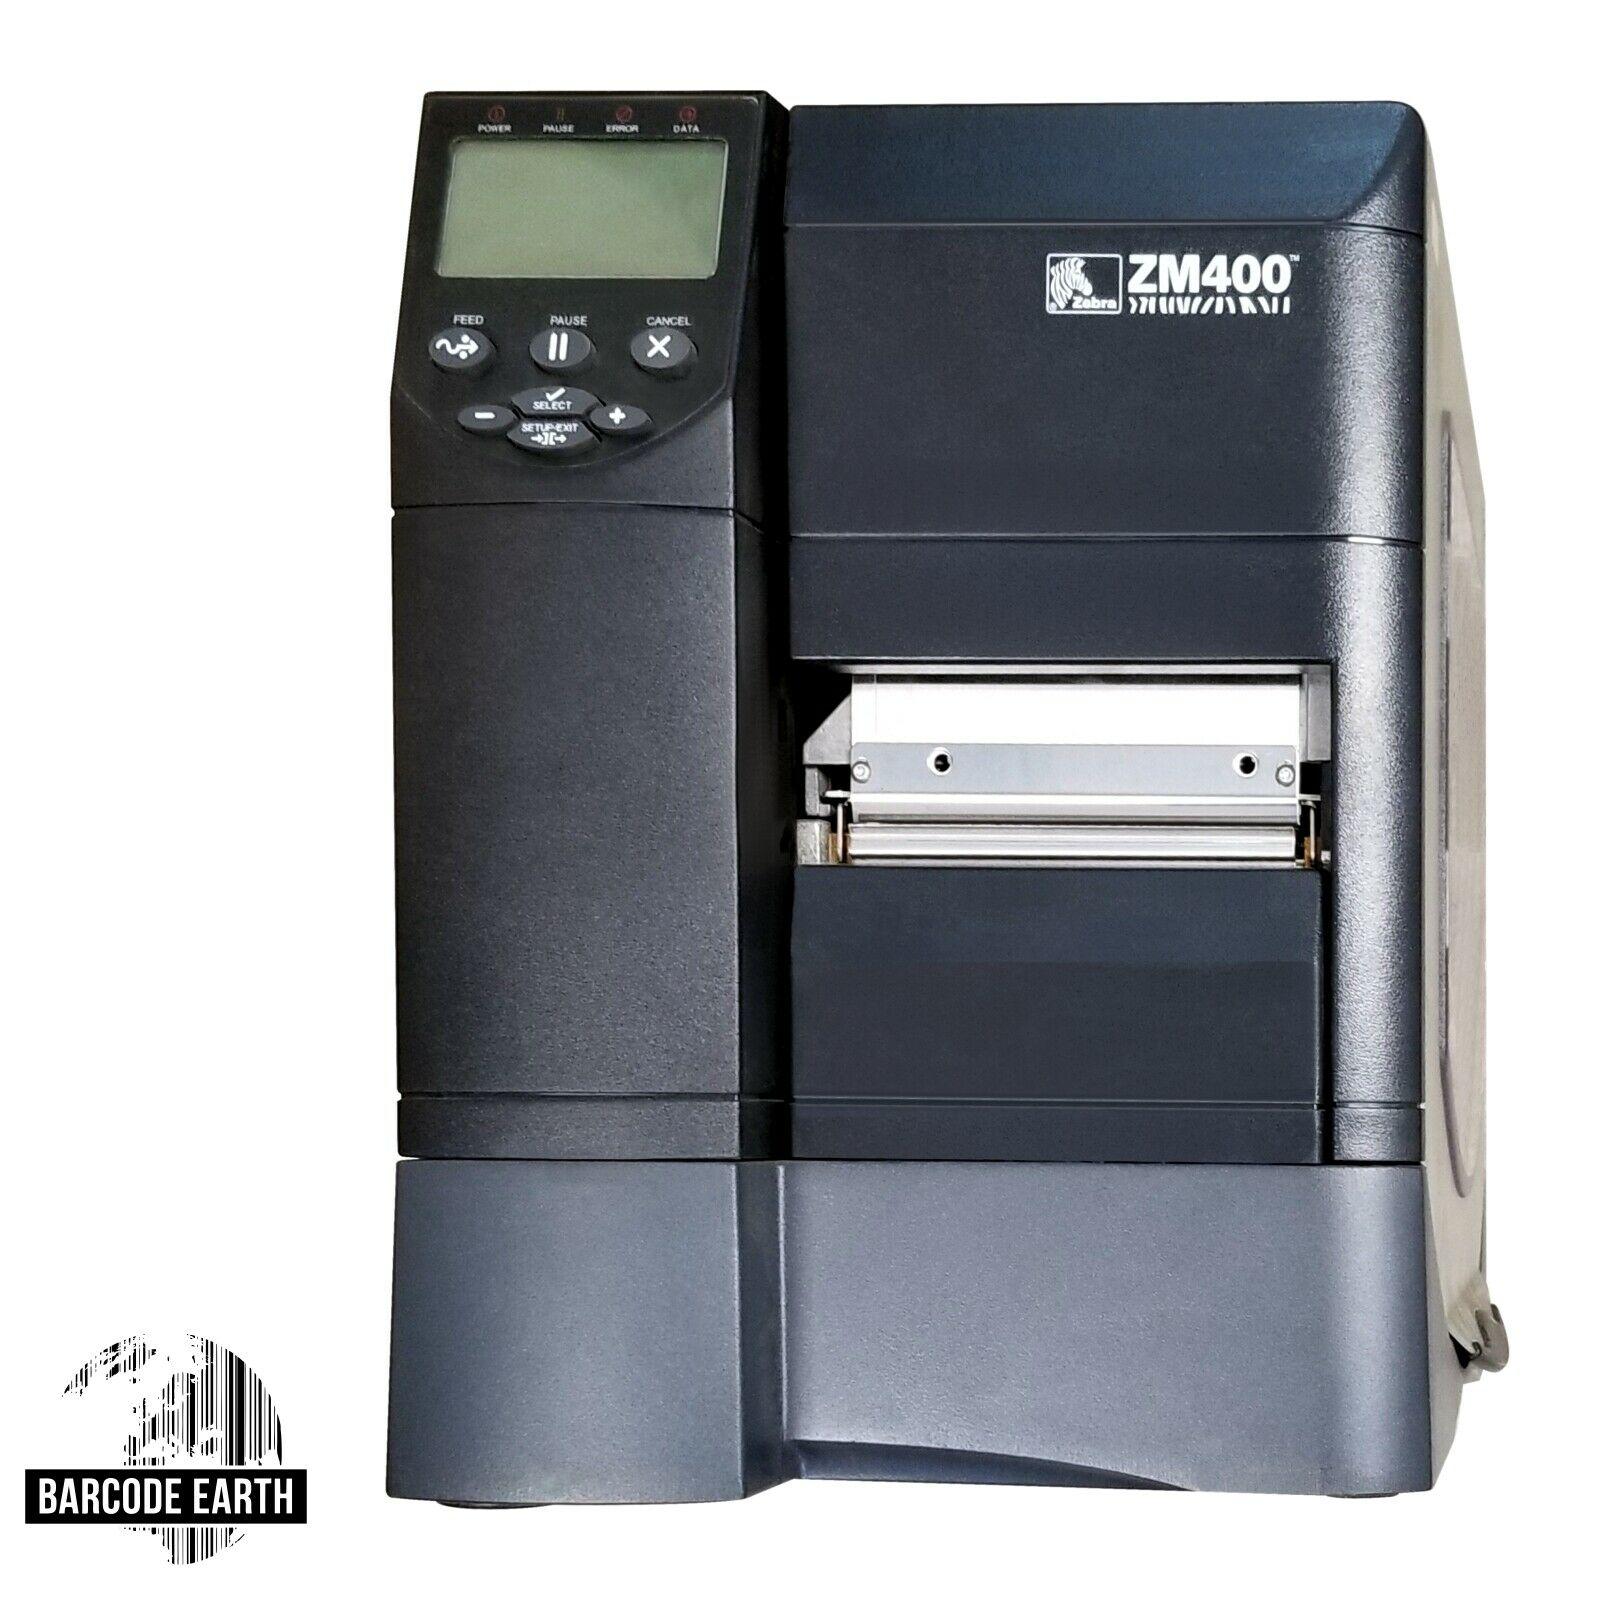 Zebra ZM400 $399 99 Thermal Transfer Label Barcode Printer ZM400-2001-0100T  Amazon Special